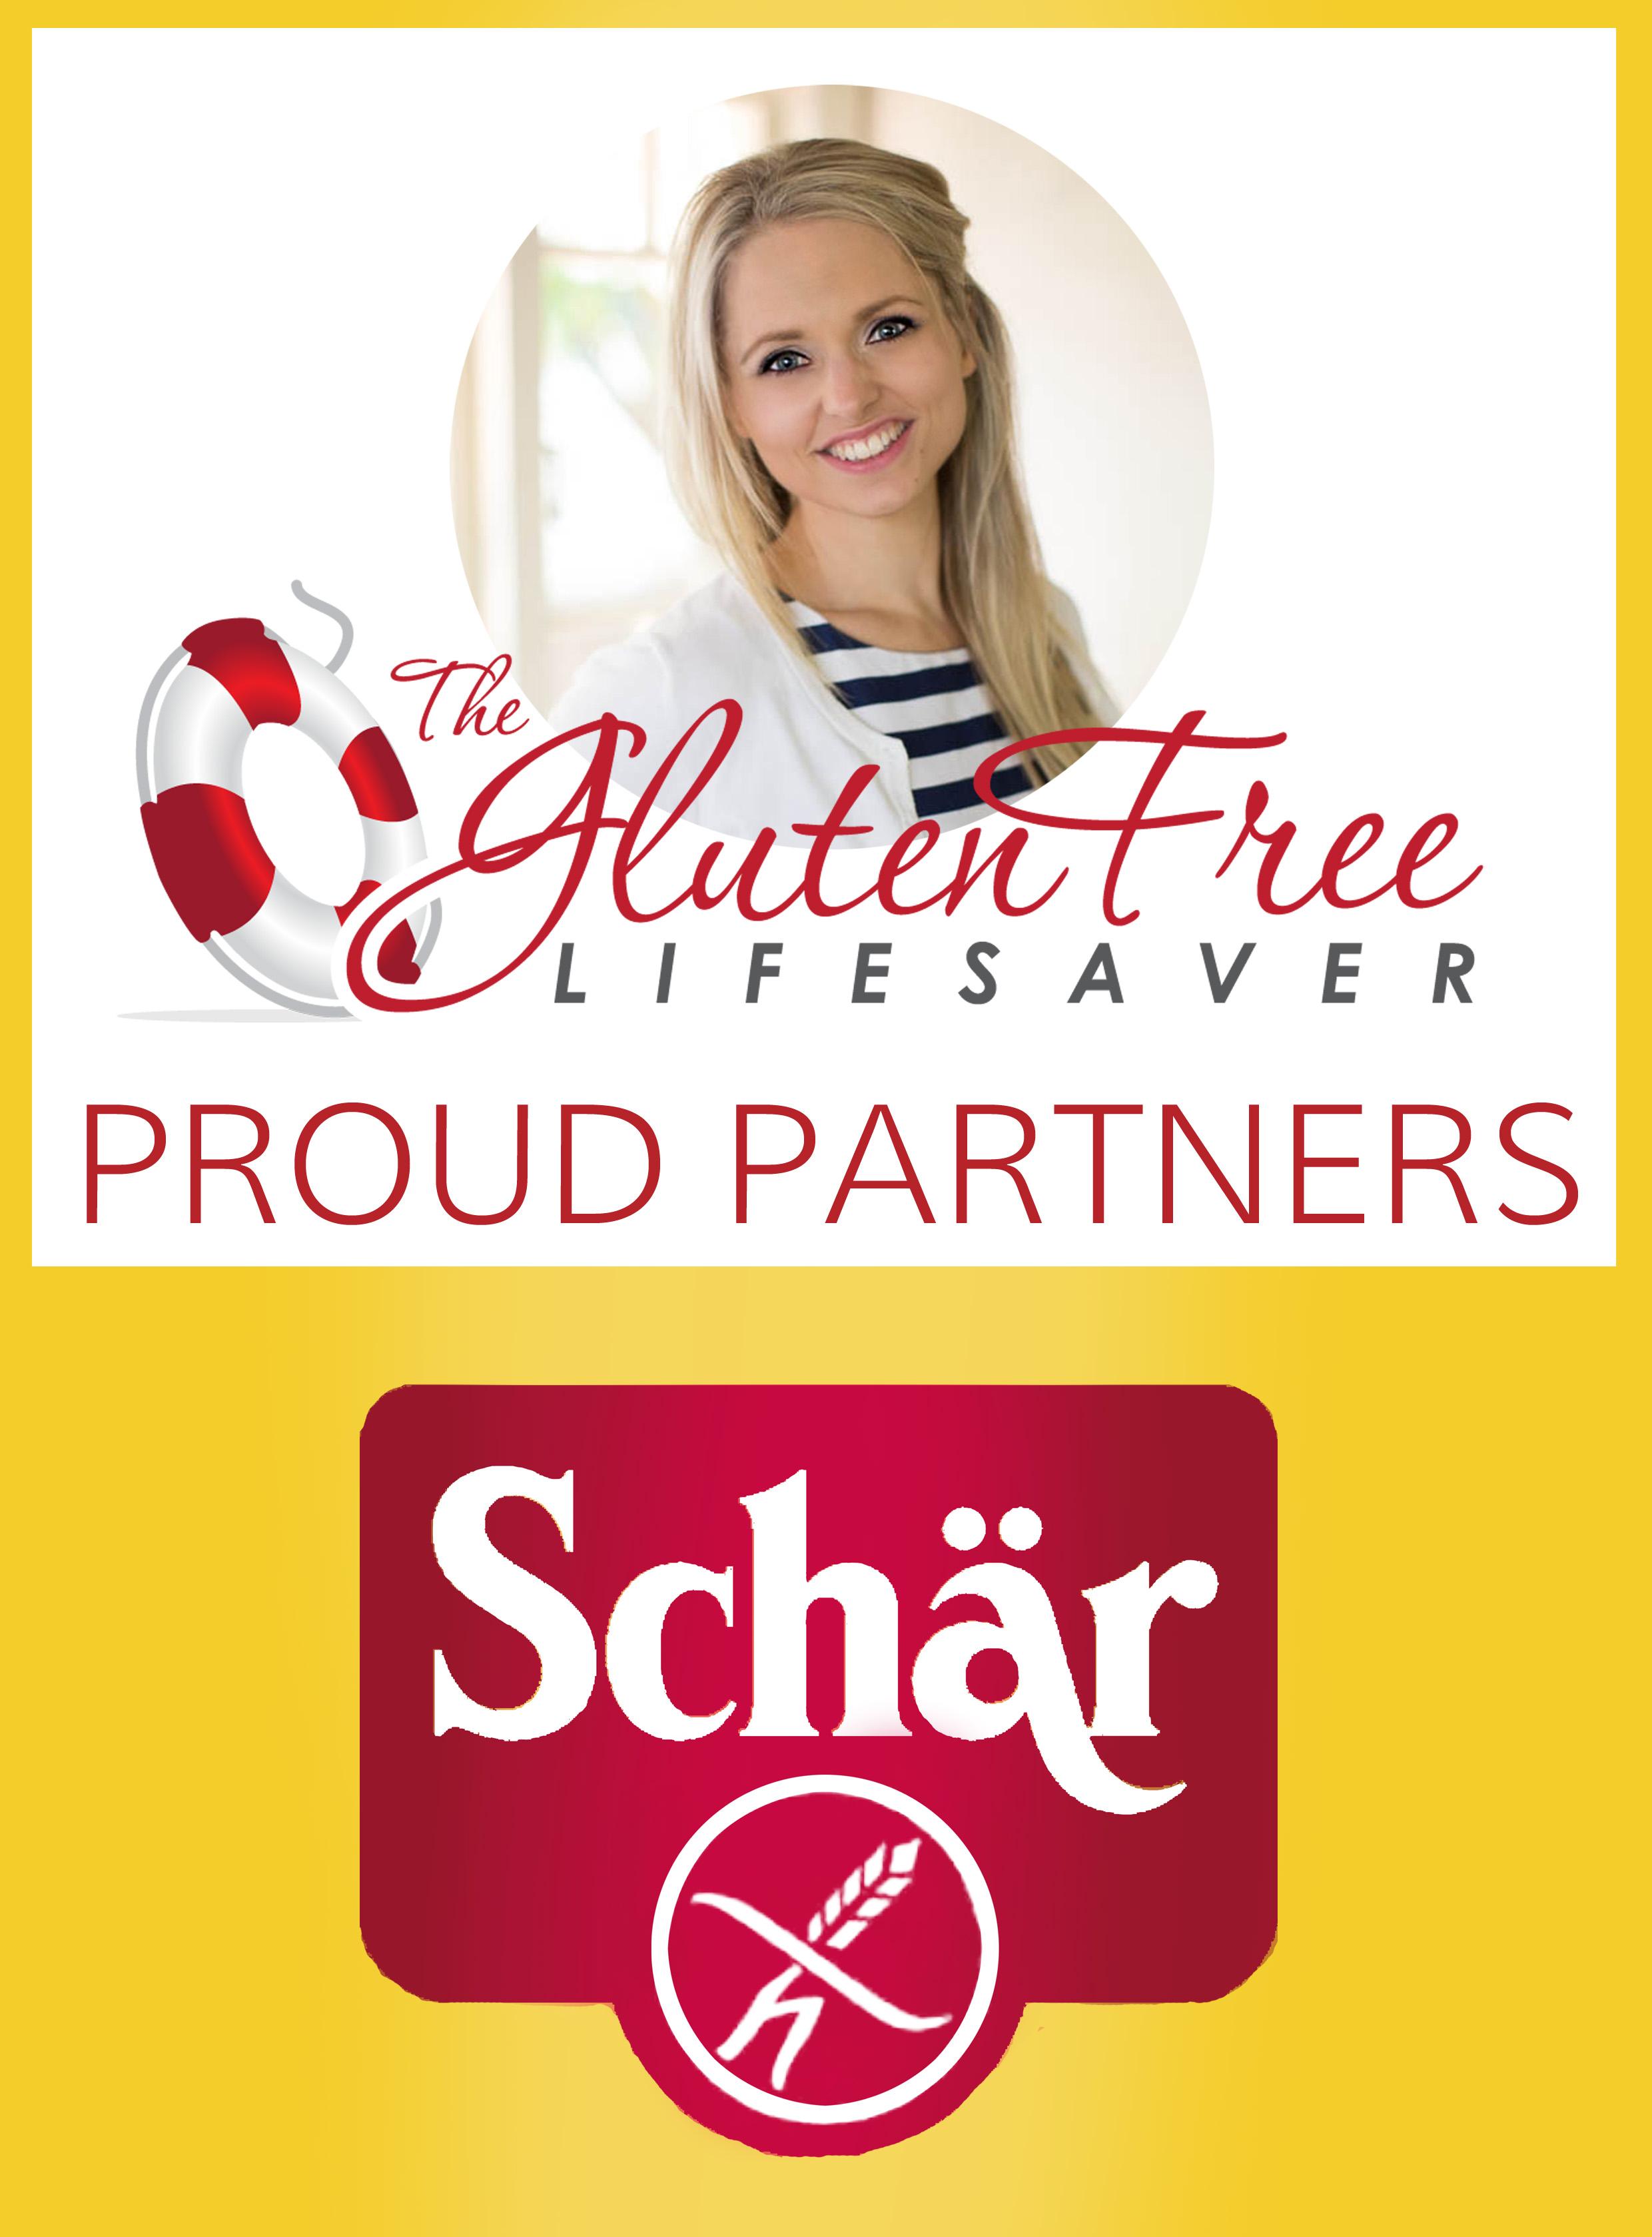 Schaer og The Gluten Free Lifesaver samarbeider